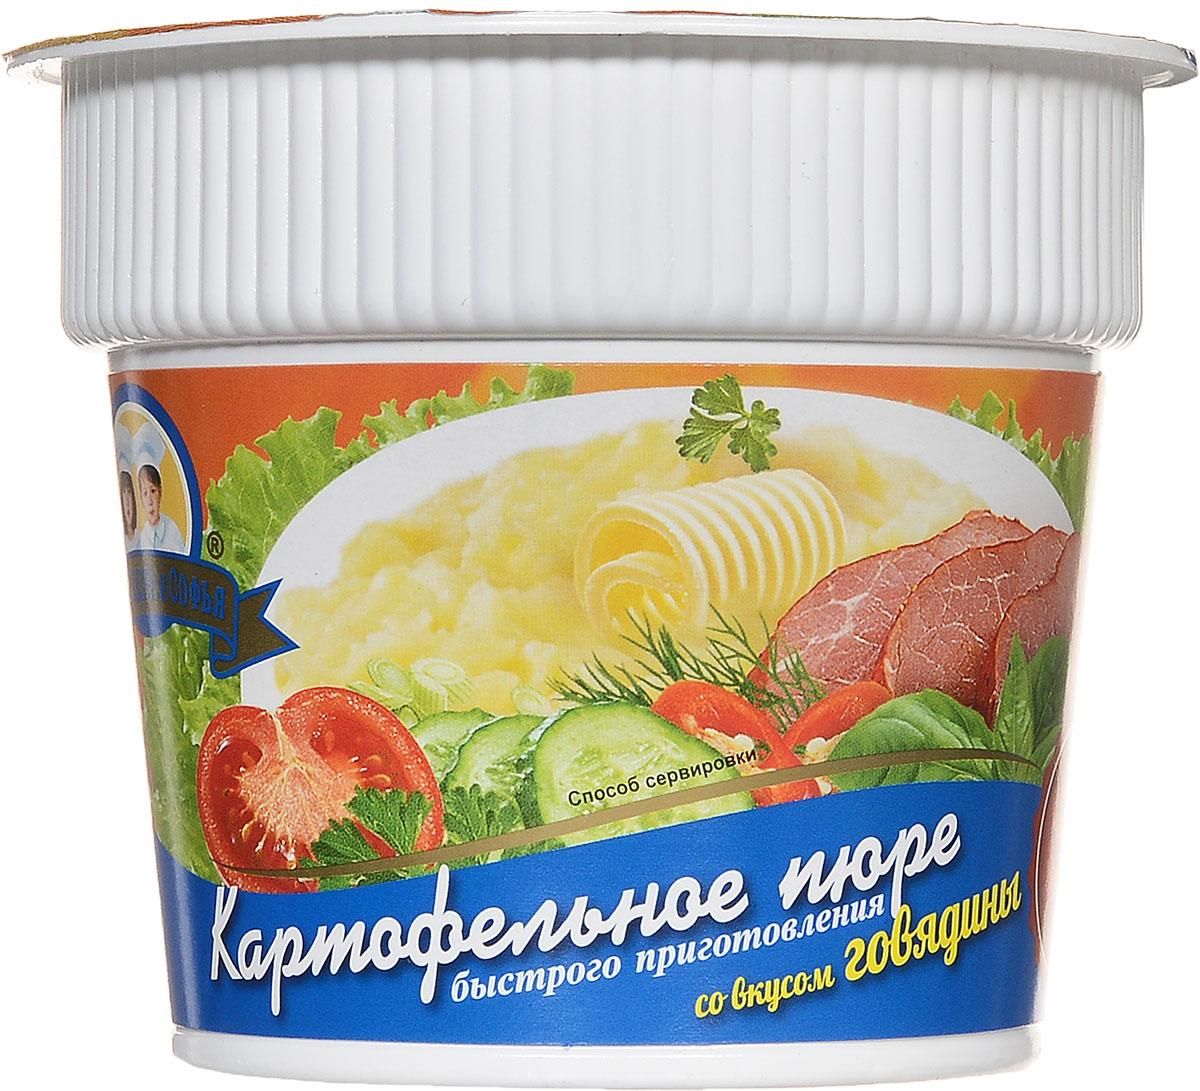 Александра и Софья Картофельное пюре быстрого приготовления со вкусом говядины, 37 г